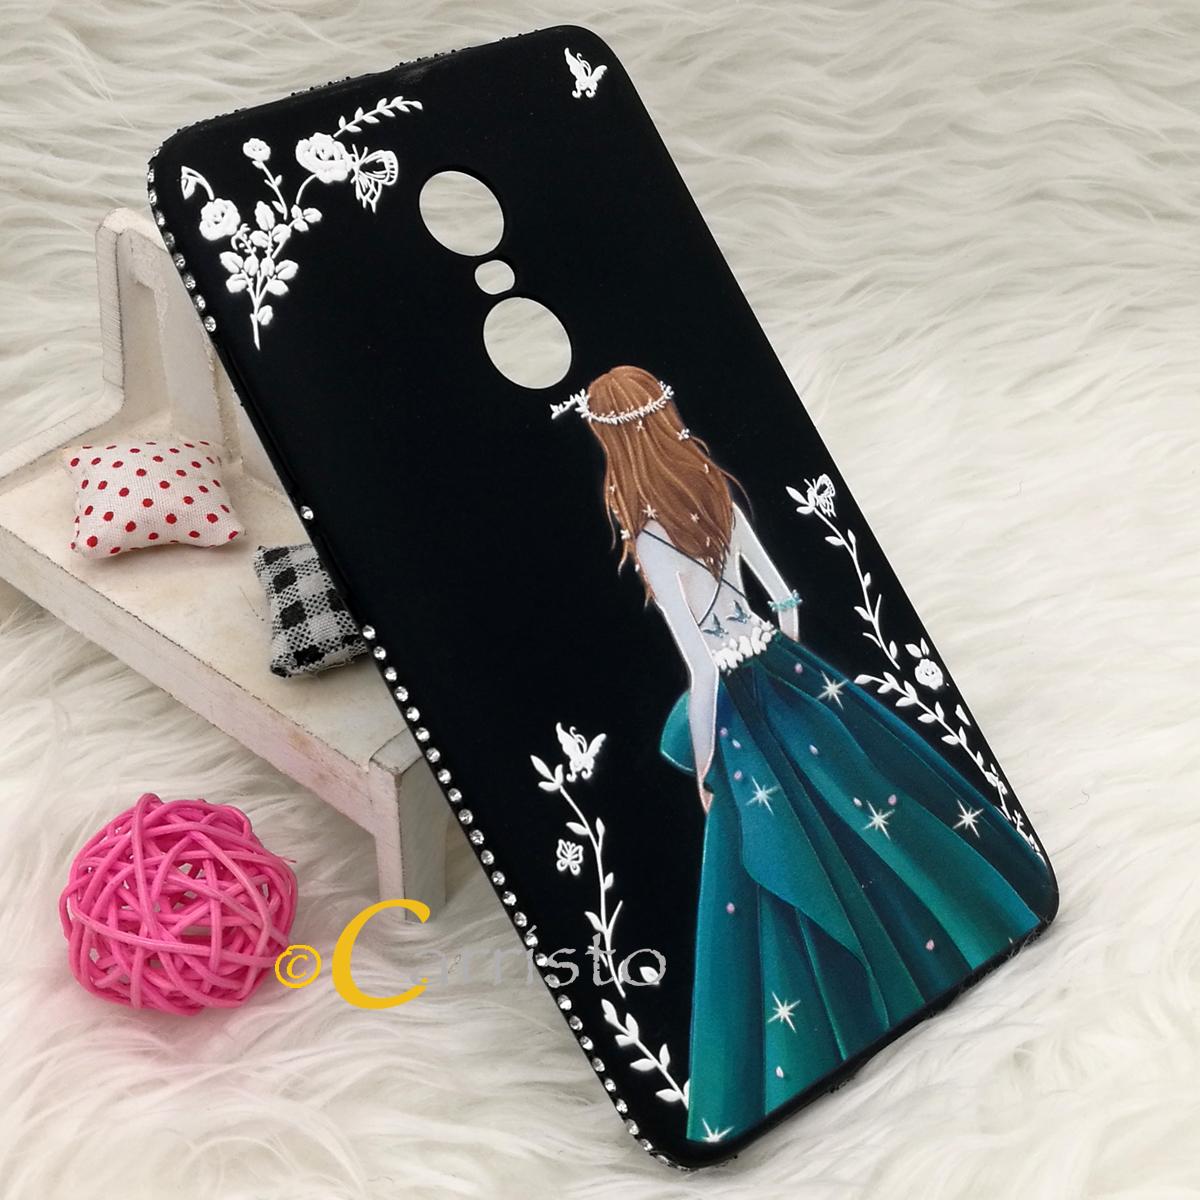 on sale abd61 52955 Xiaomi Redmi Note 4X Snapdragon / Note 4 Mediatek Secret Garden Soft C